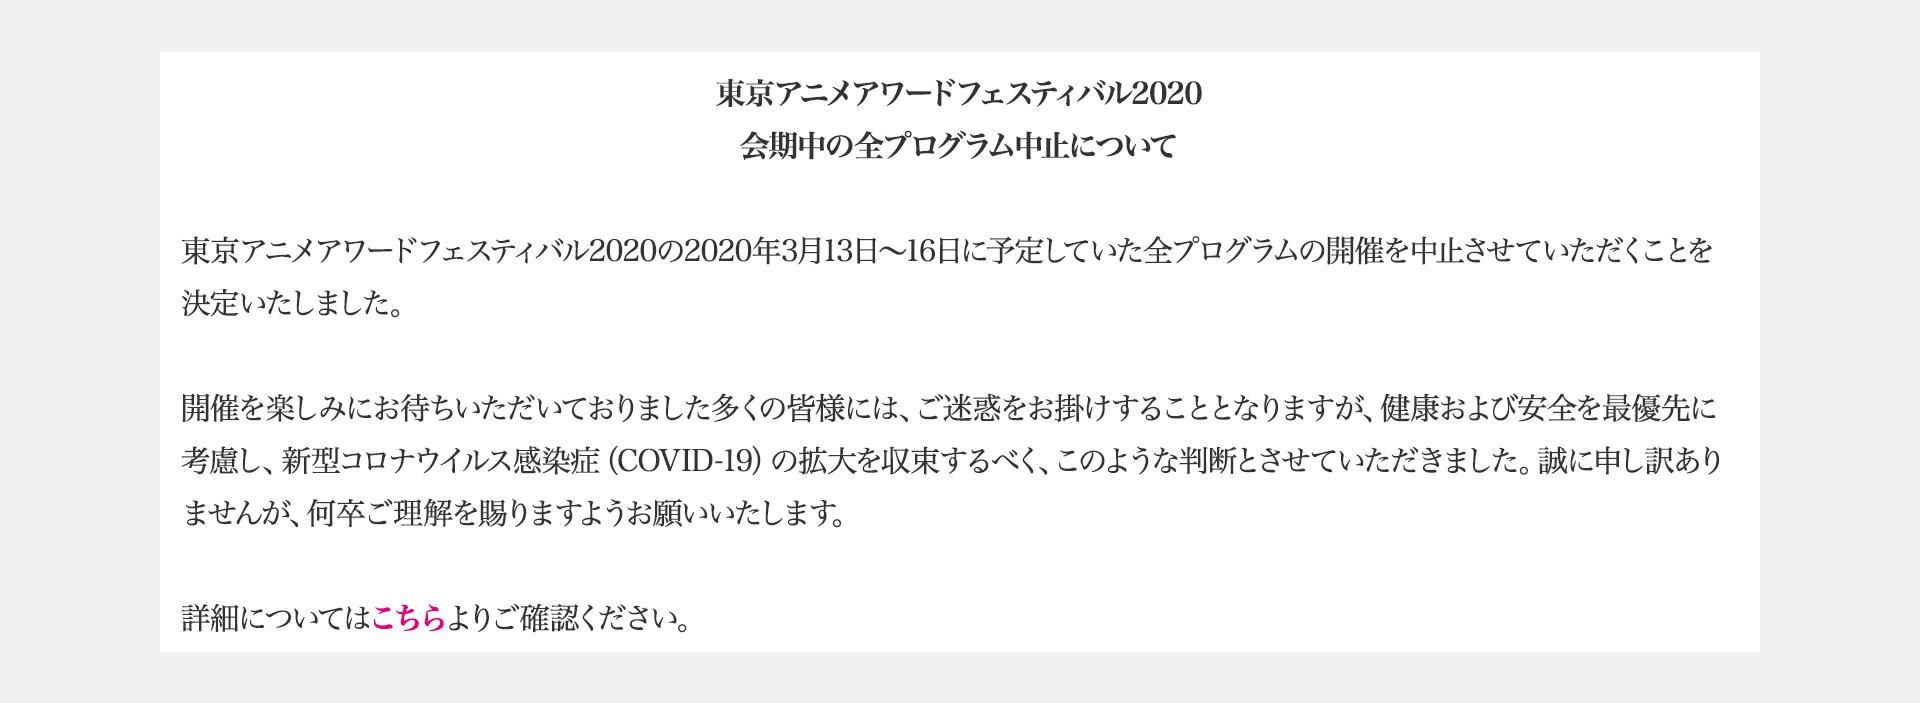 東京アニメアワードフェスティバル2020 中止